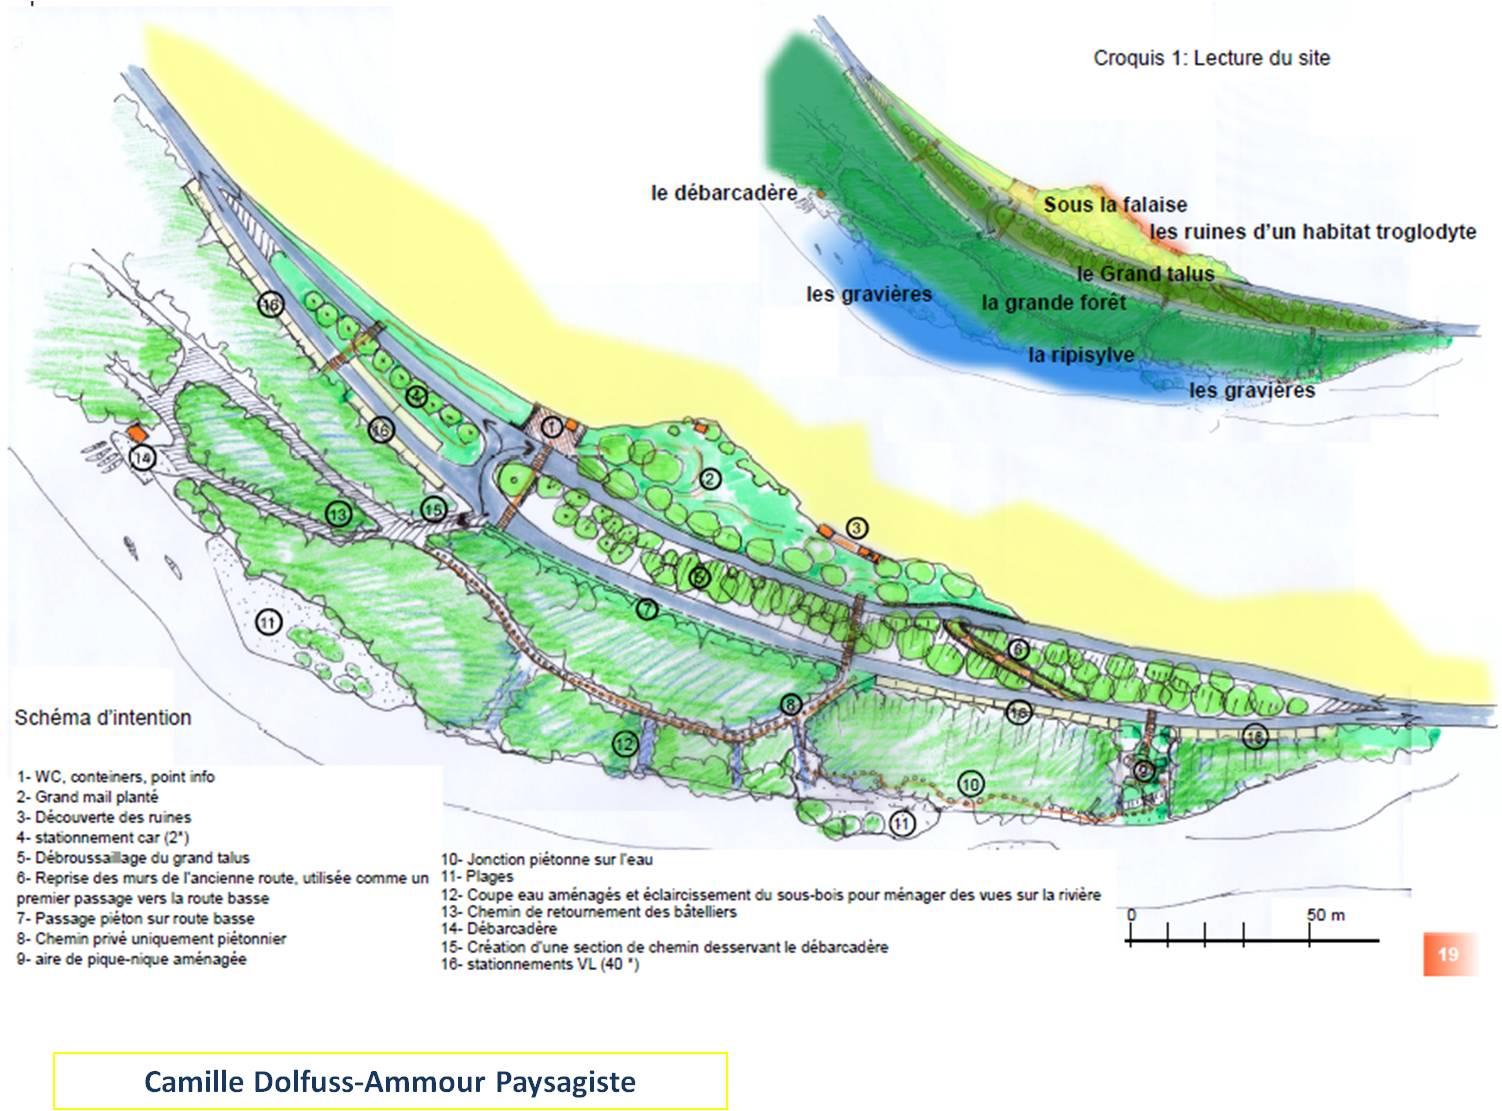 plan d'organisation du cœur de site au cirque des Baumes